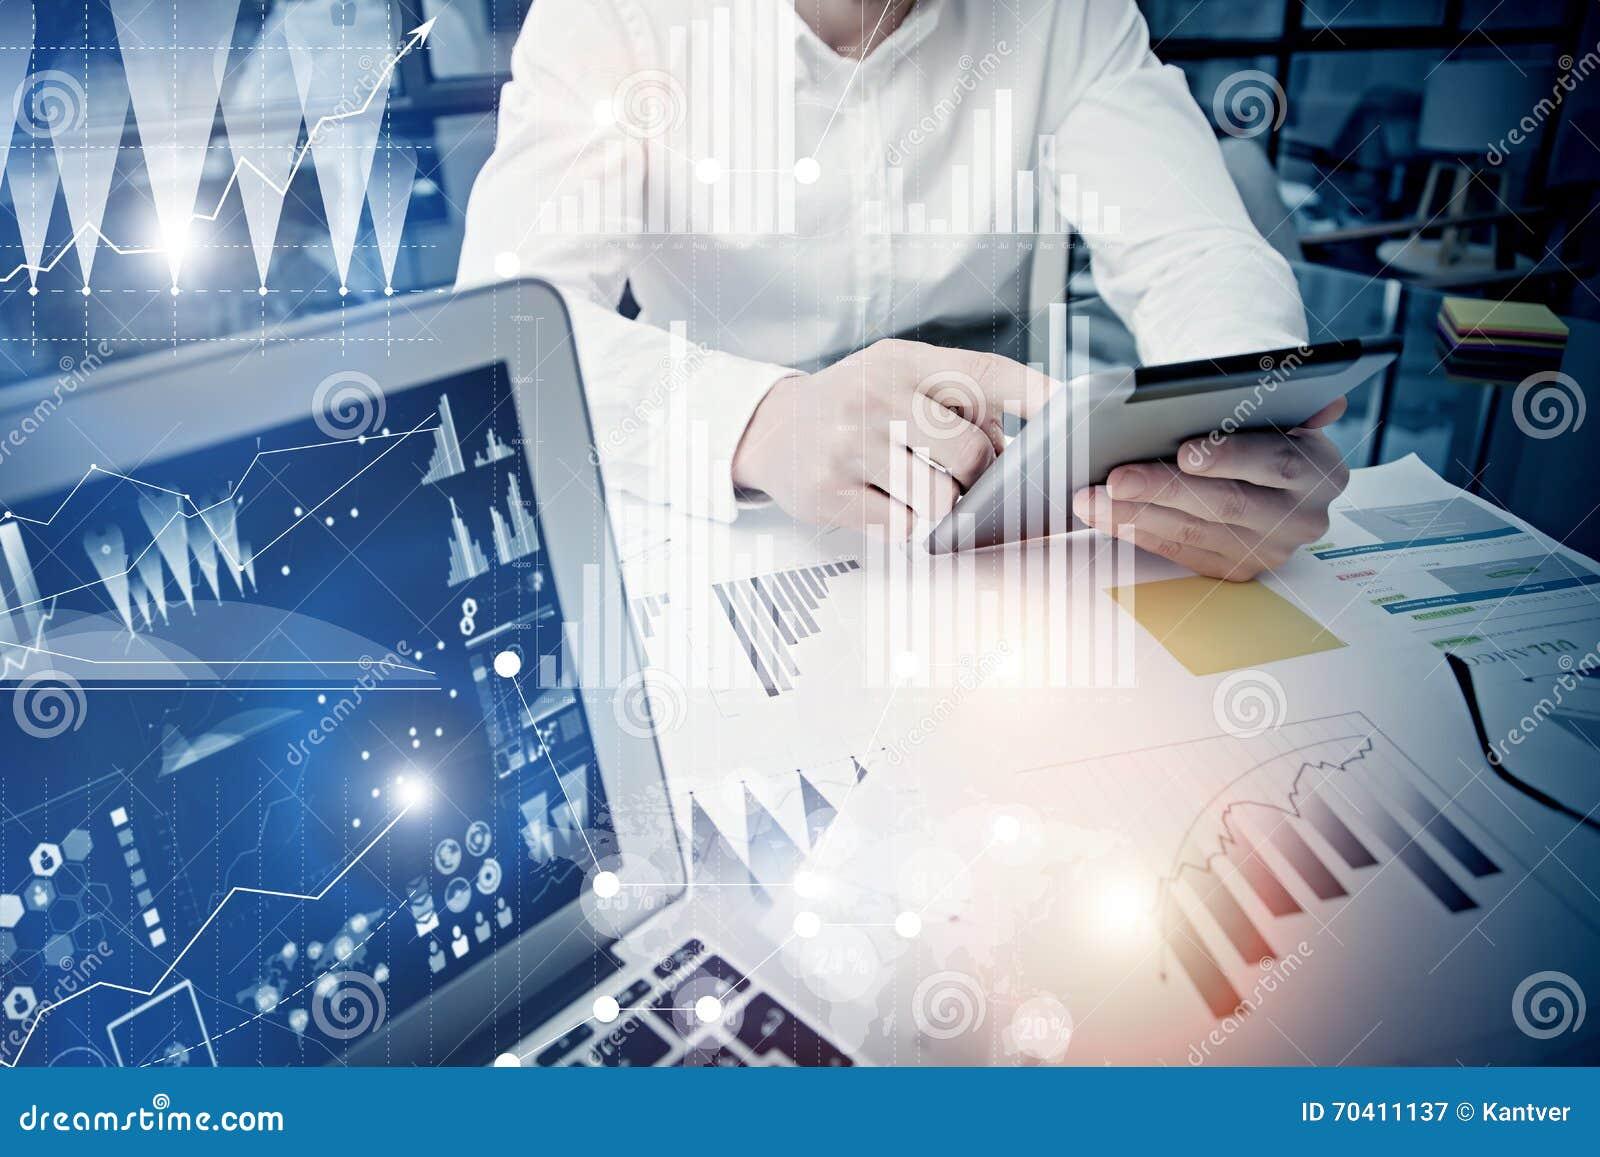 概念商人感人的现代片剂屏幕 工作新的私人银行业项目办公室的贸易商经理 使用